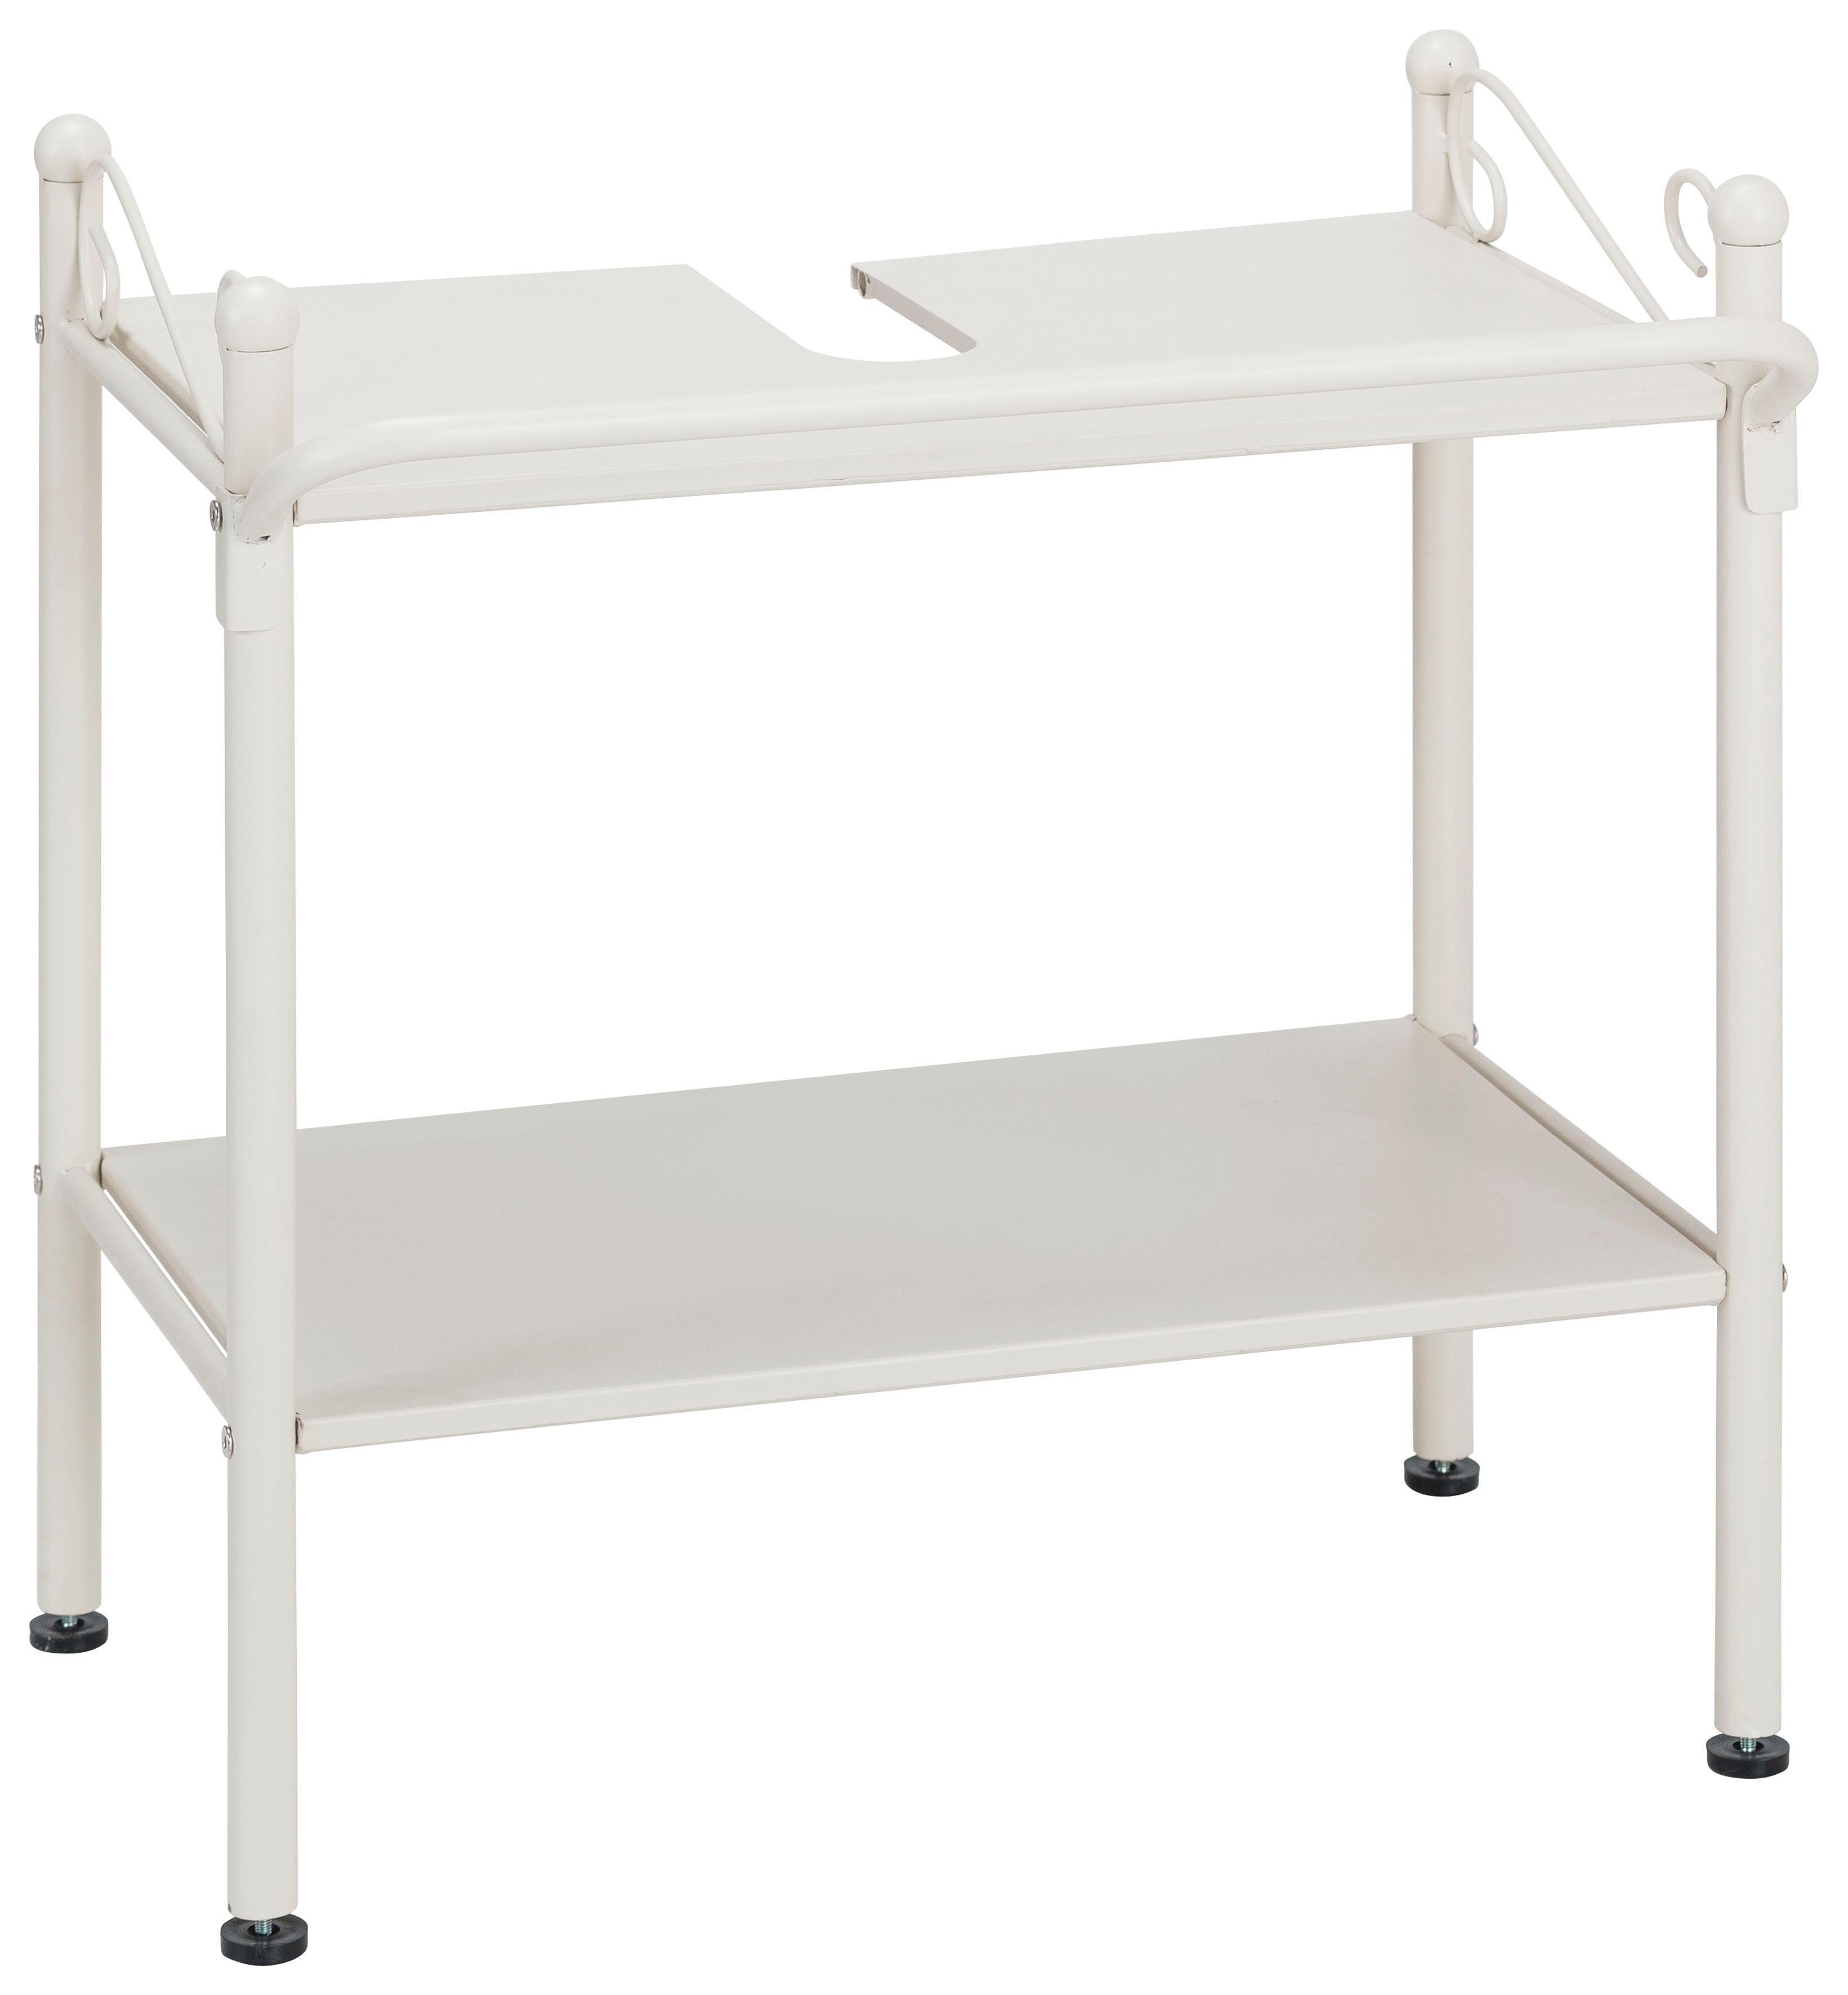 33 sparen waschbeckenunterschrank princess nur 59 99 cherry m bel otto. Black Bedroom Furniture Sets. Home Design Ideas